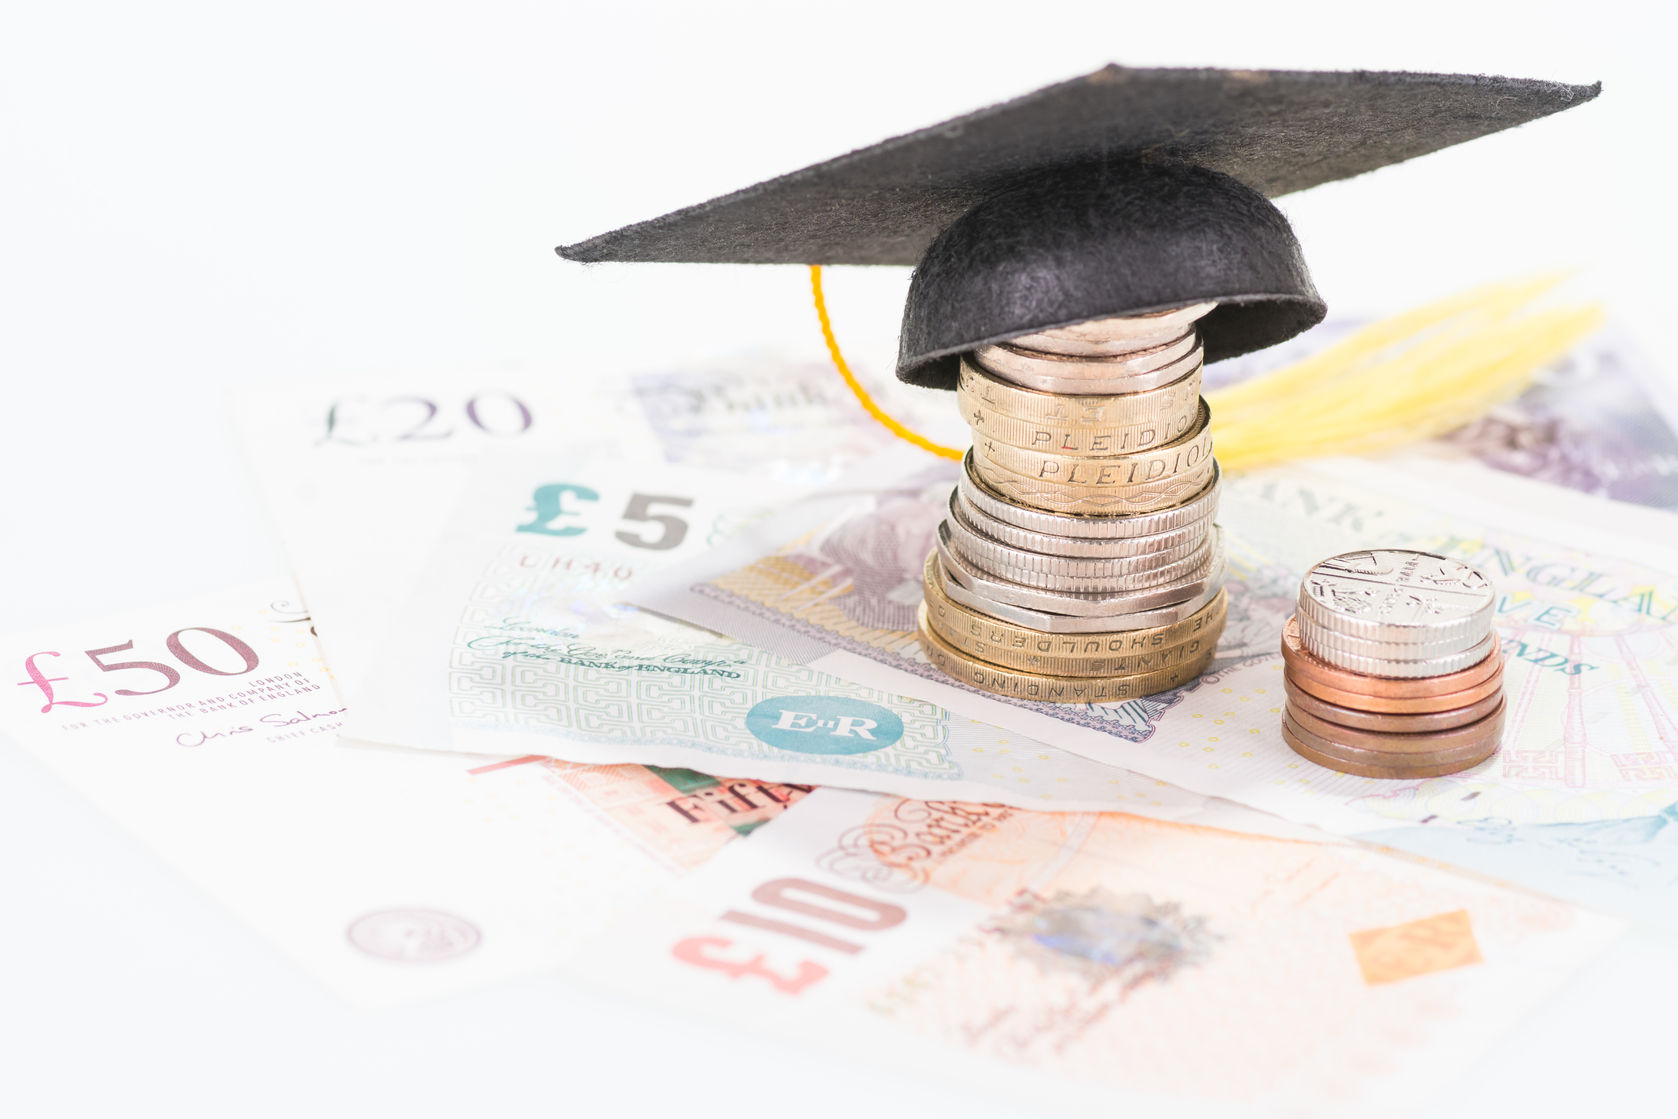 30175200 - Savings For Higher Education